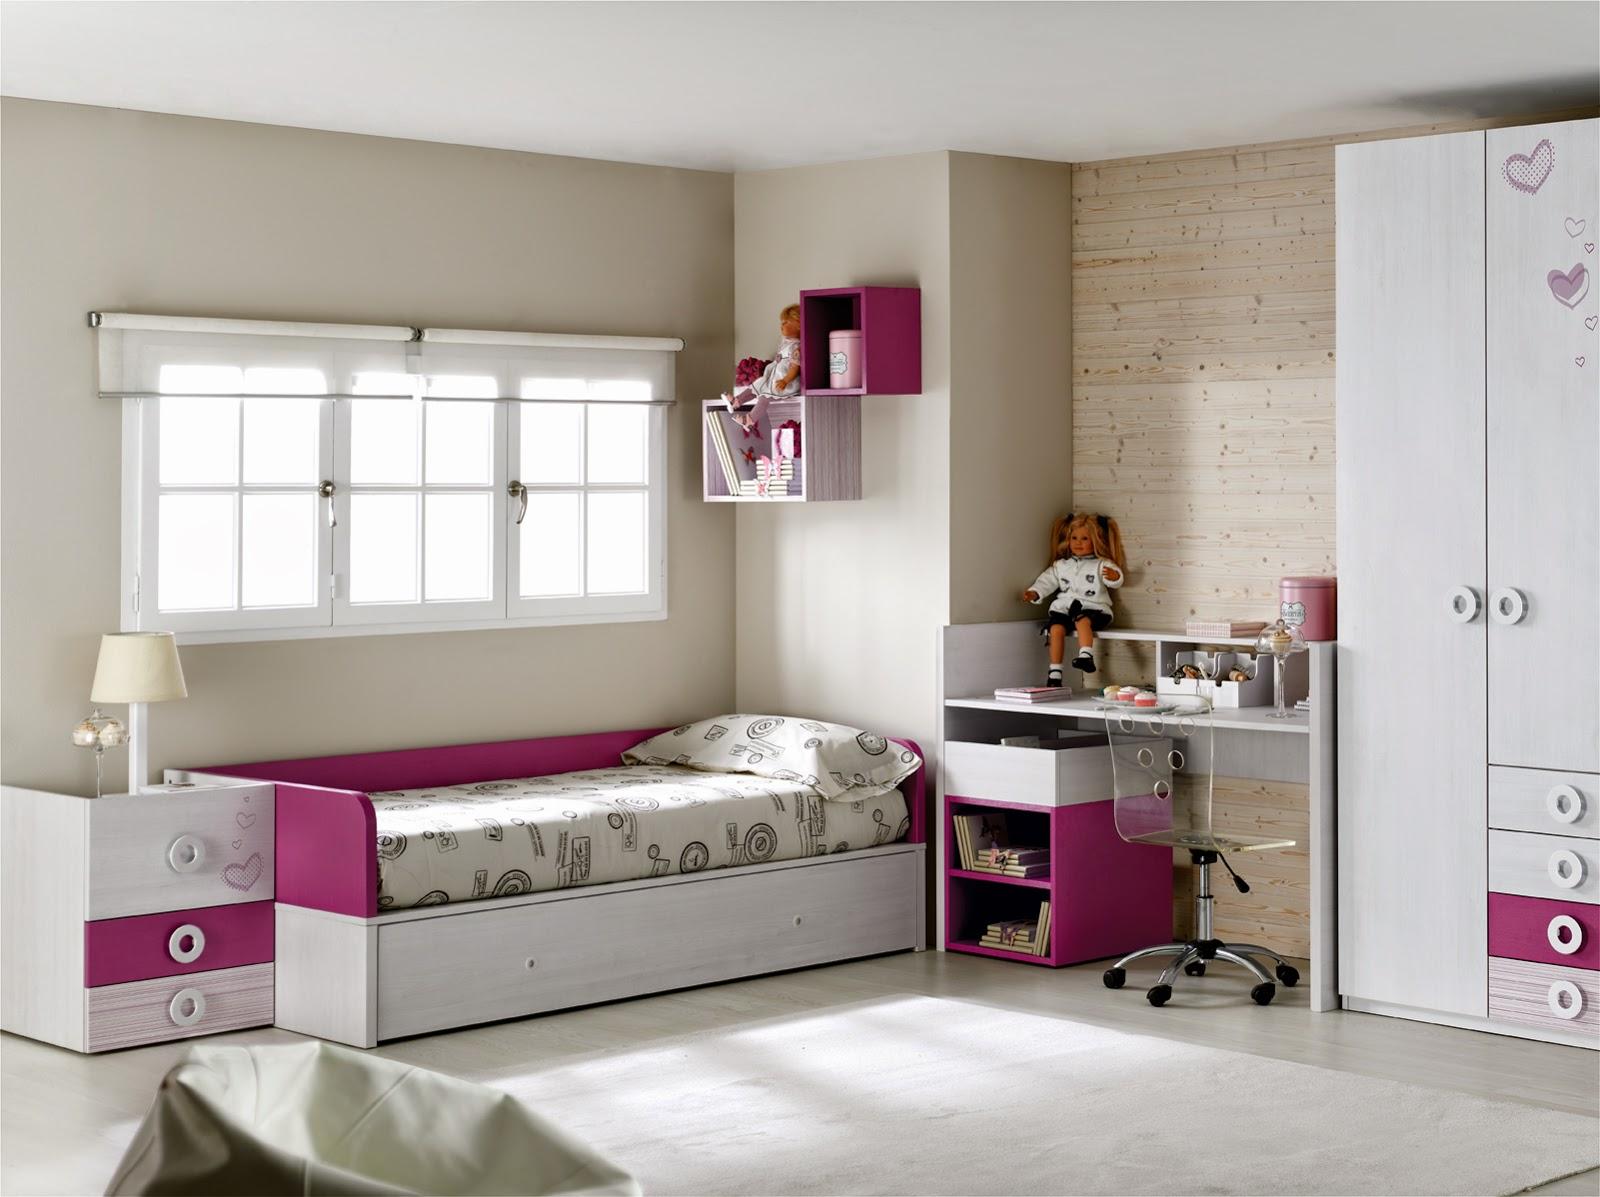 Muebles ros cuna convertible elegance elegancia y - Cuna o cuna convertible ...